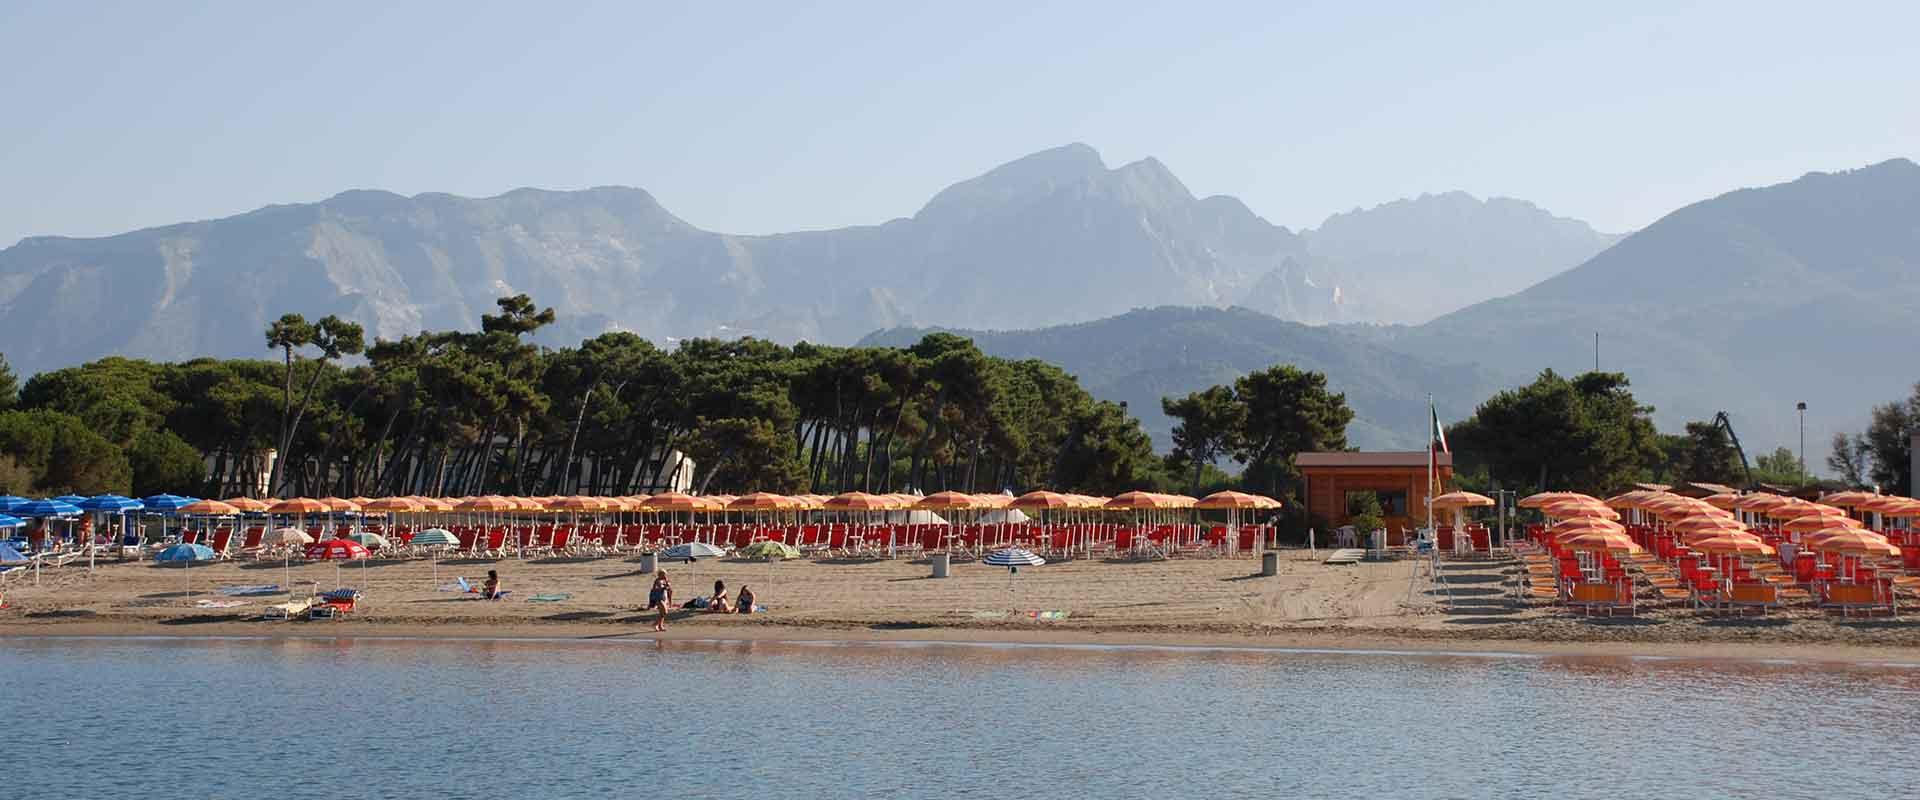 Spiaggia Riservata Camping Lilly Moderno La Partaccia